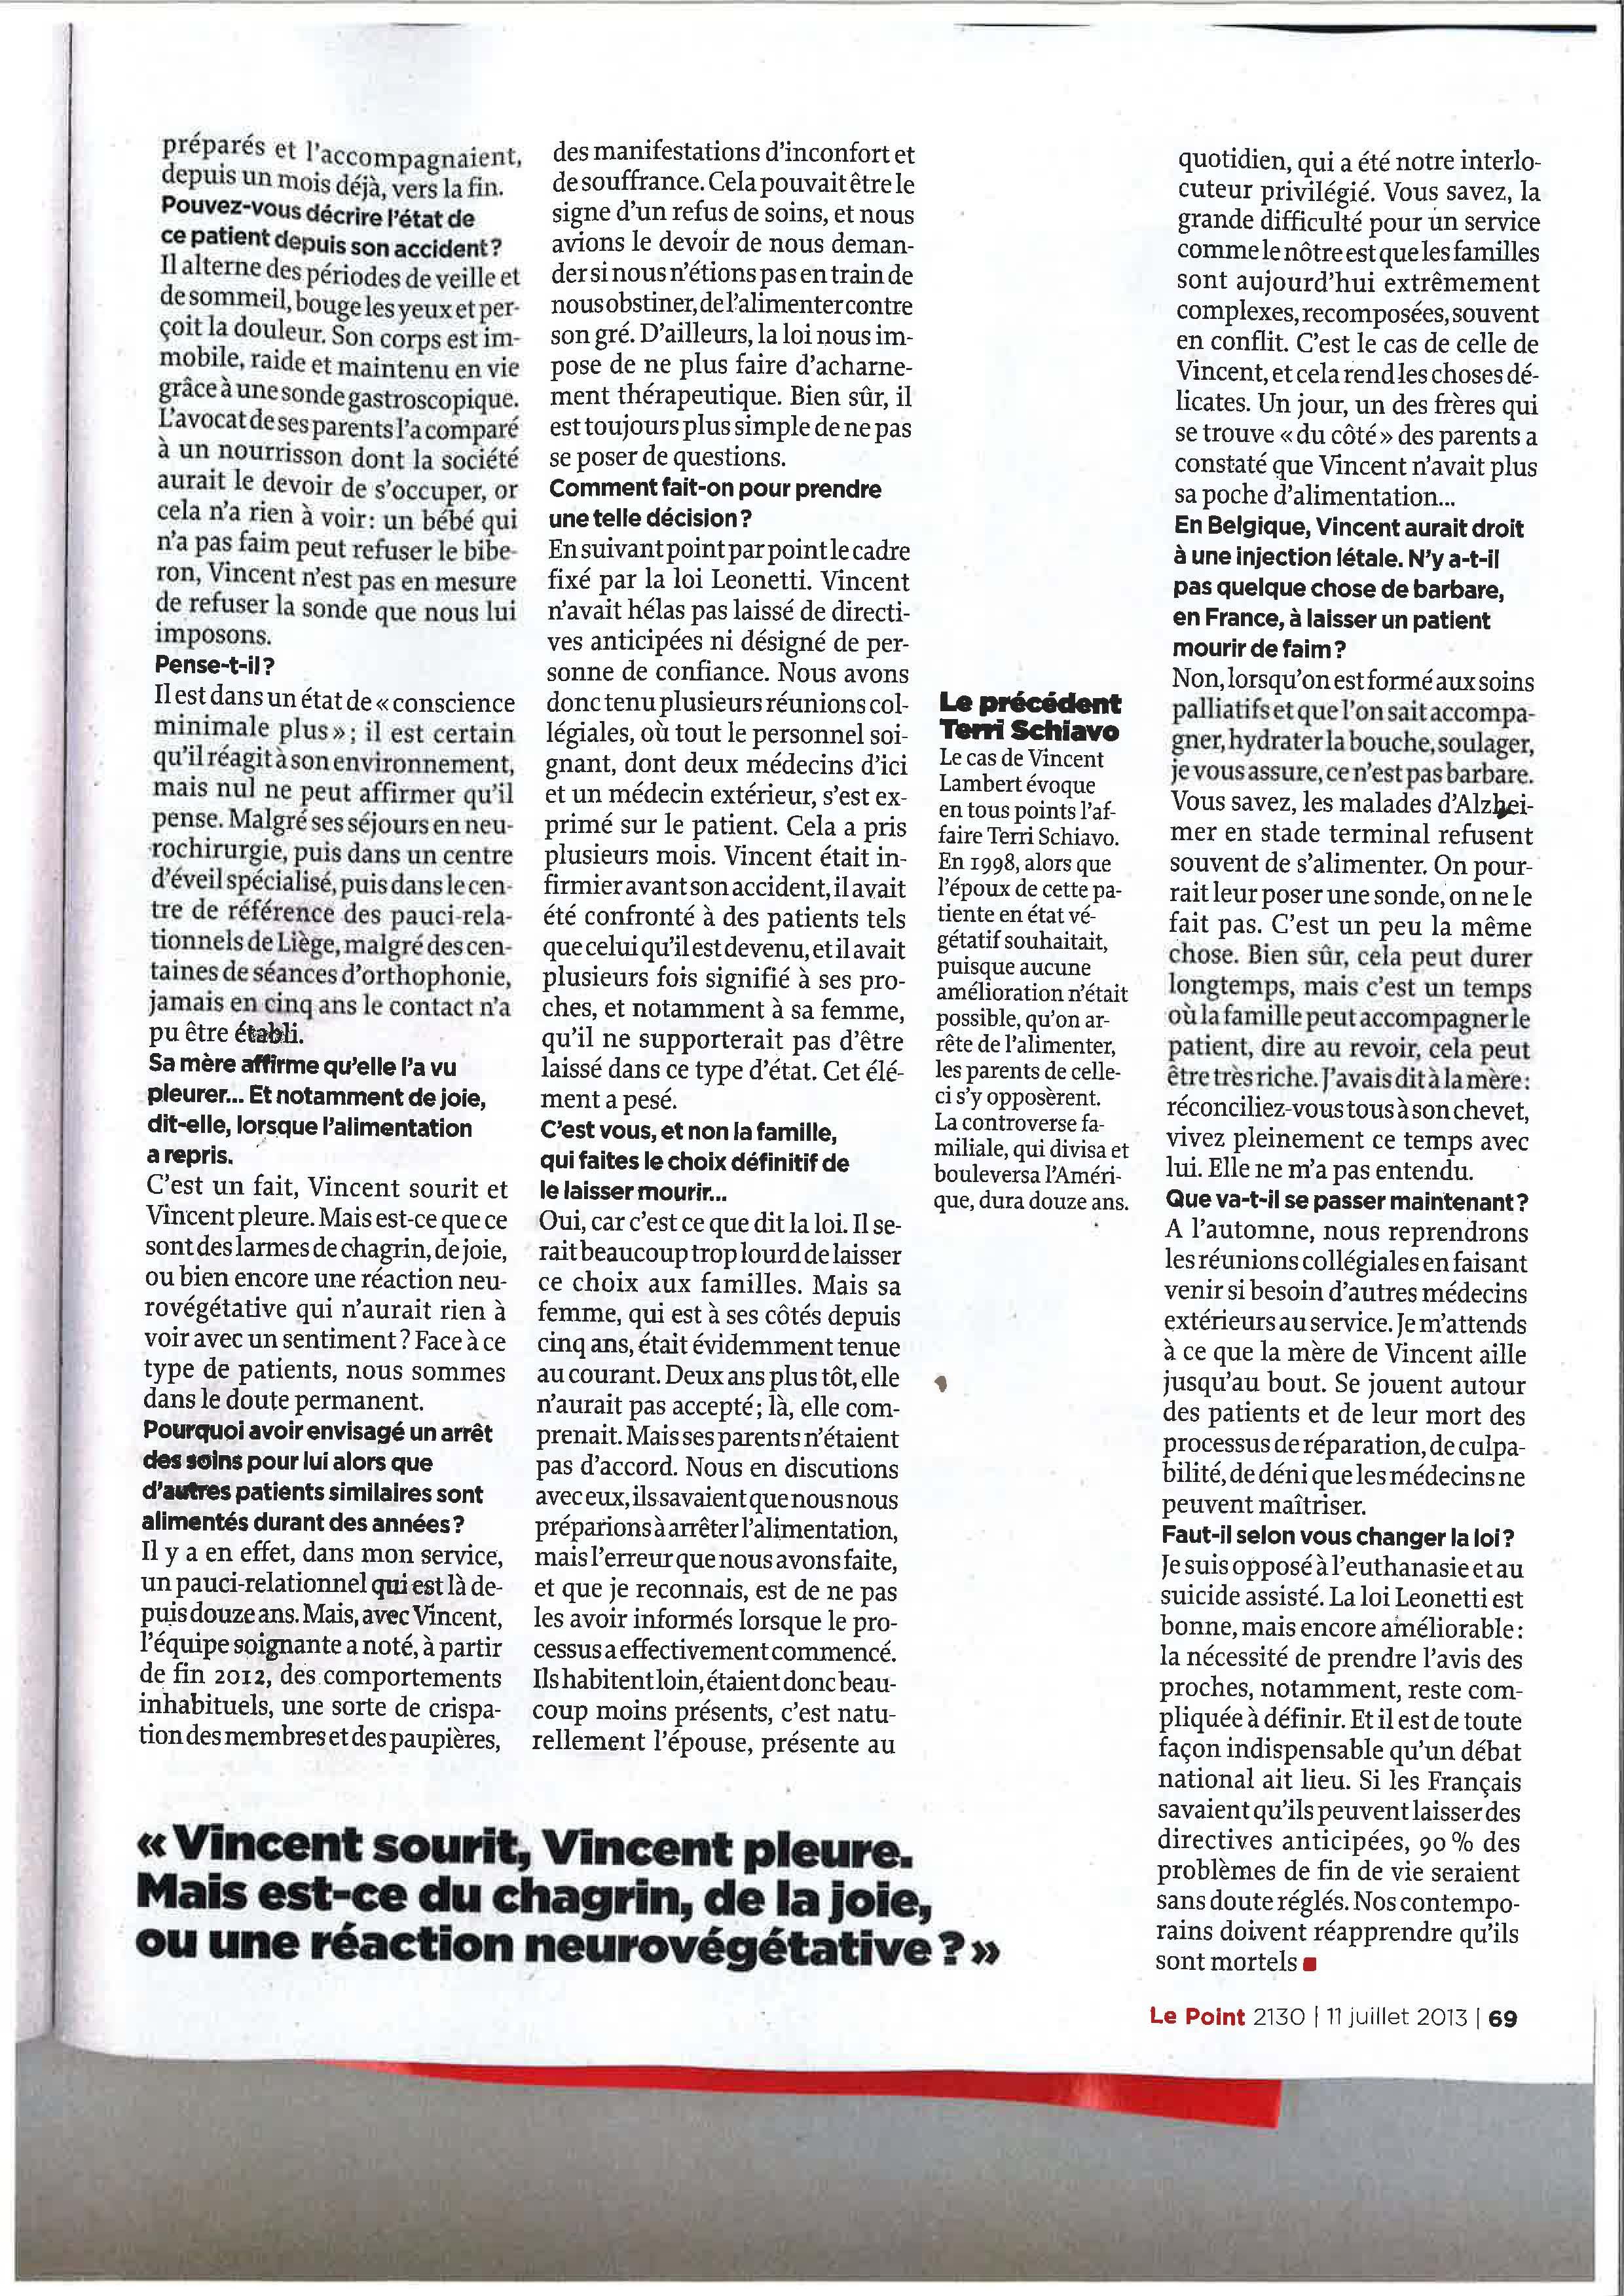 vincent page 2